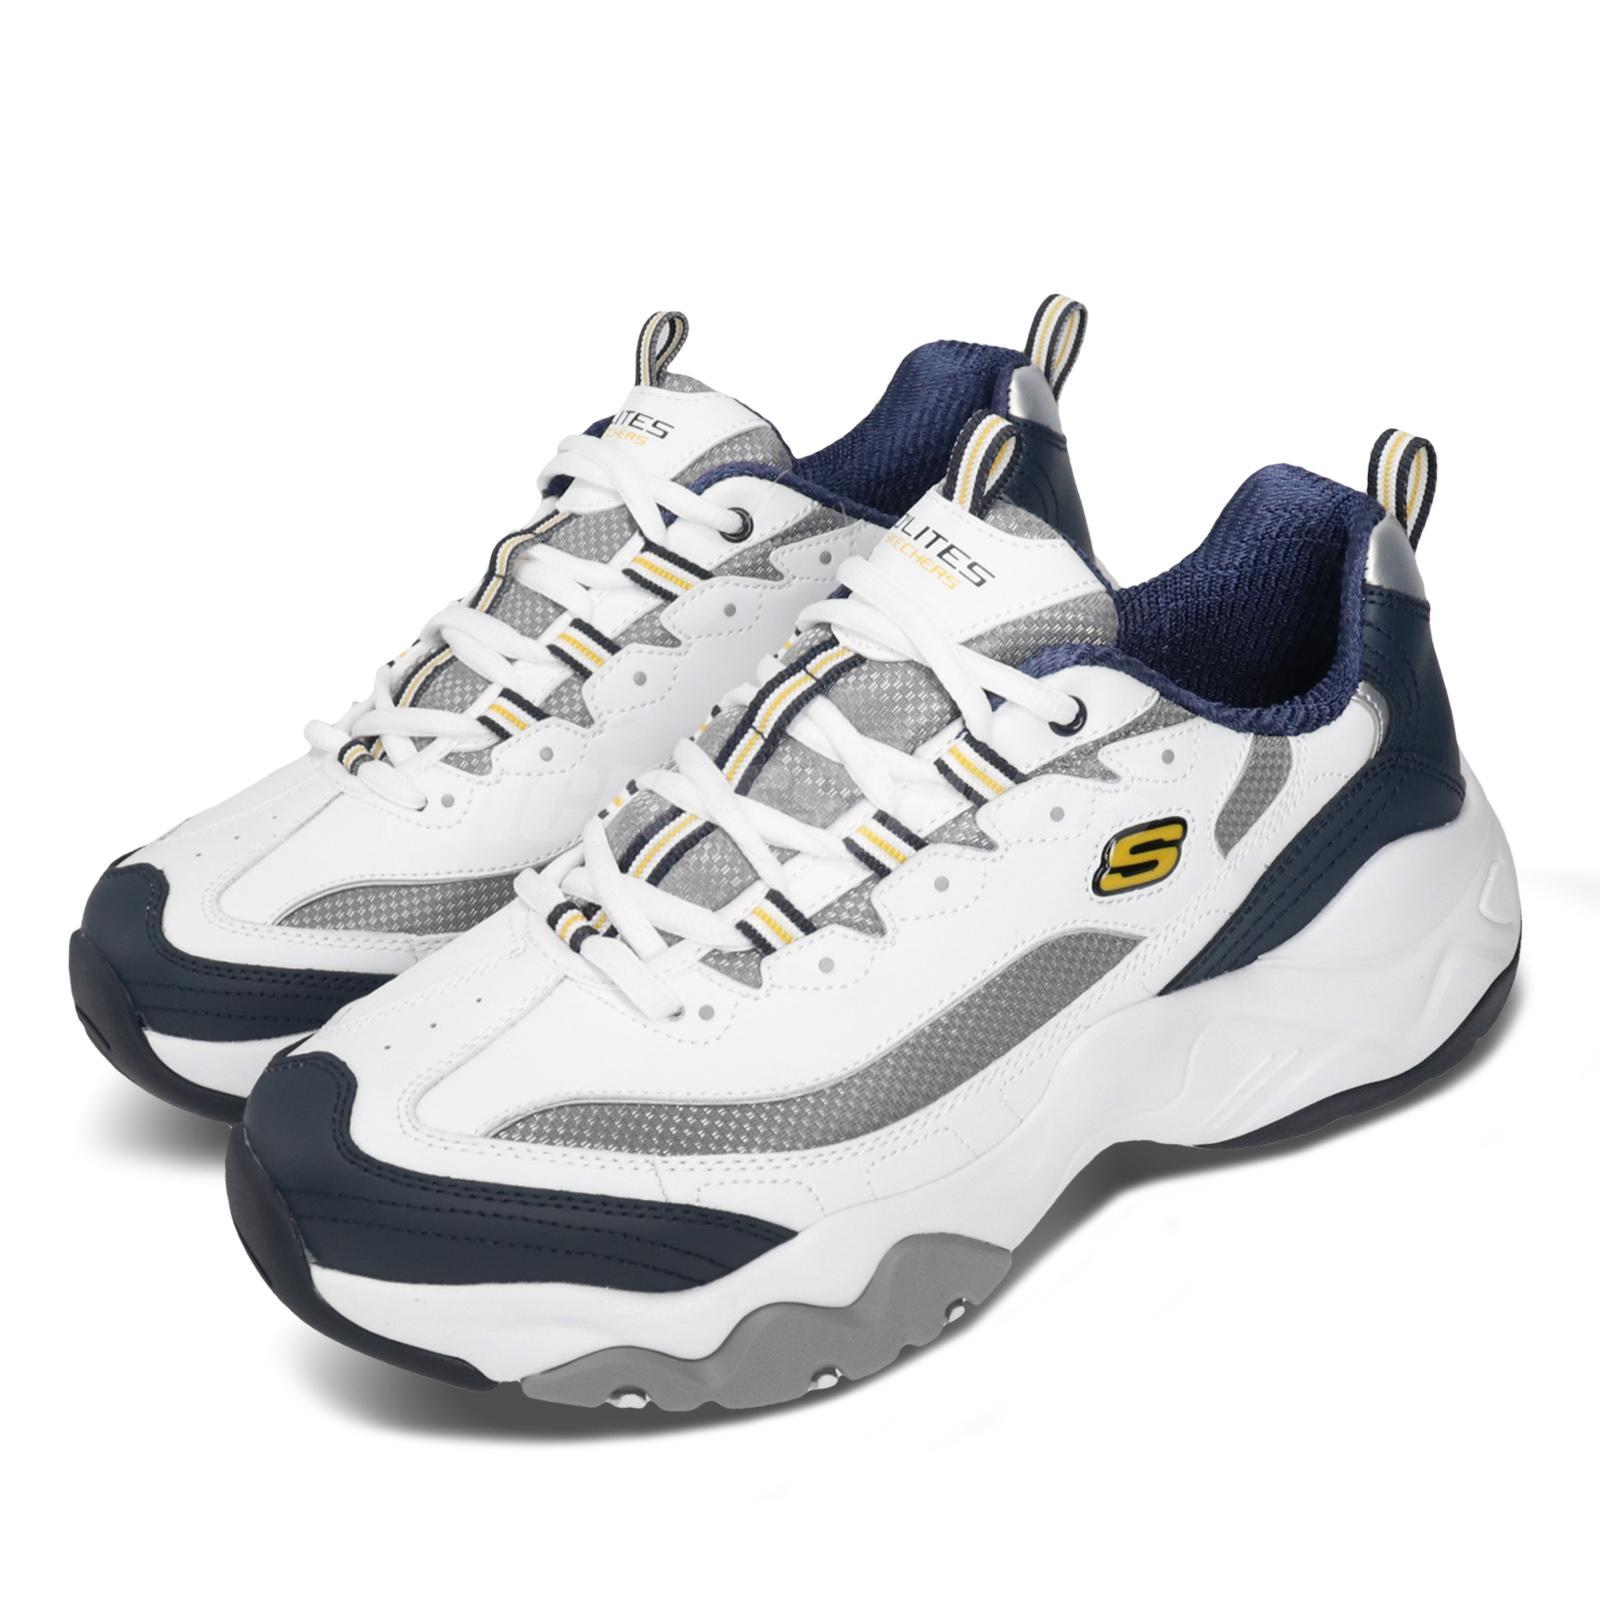 Skechers D Lites 3.0-Merriton White